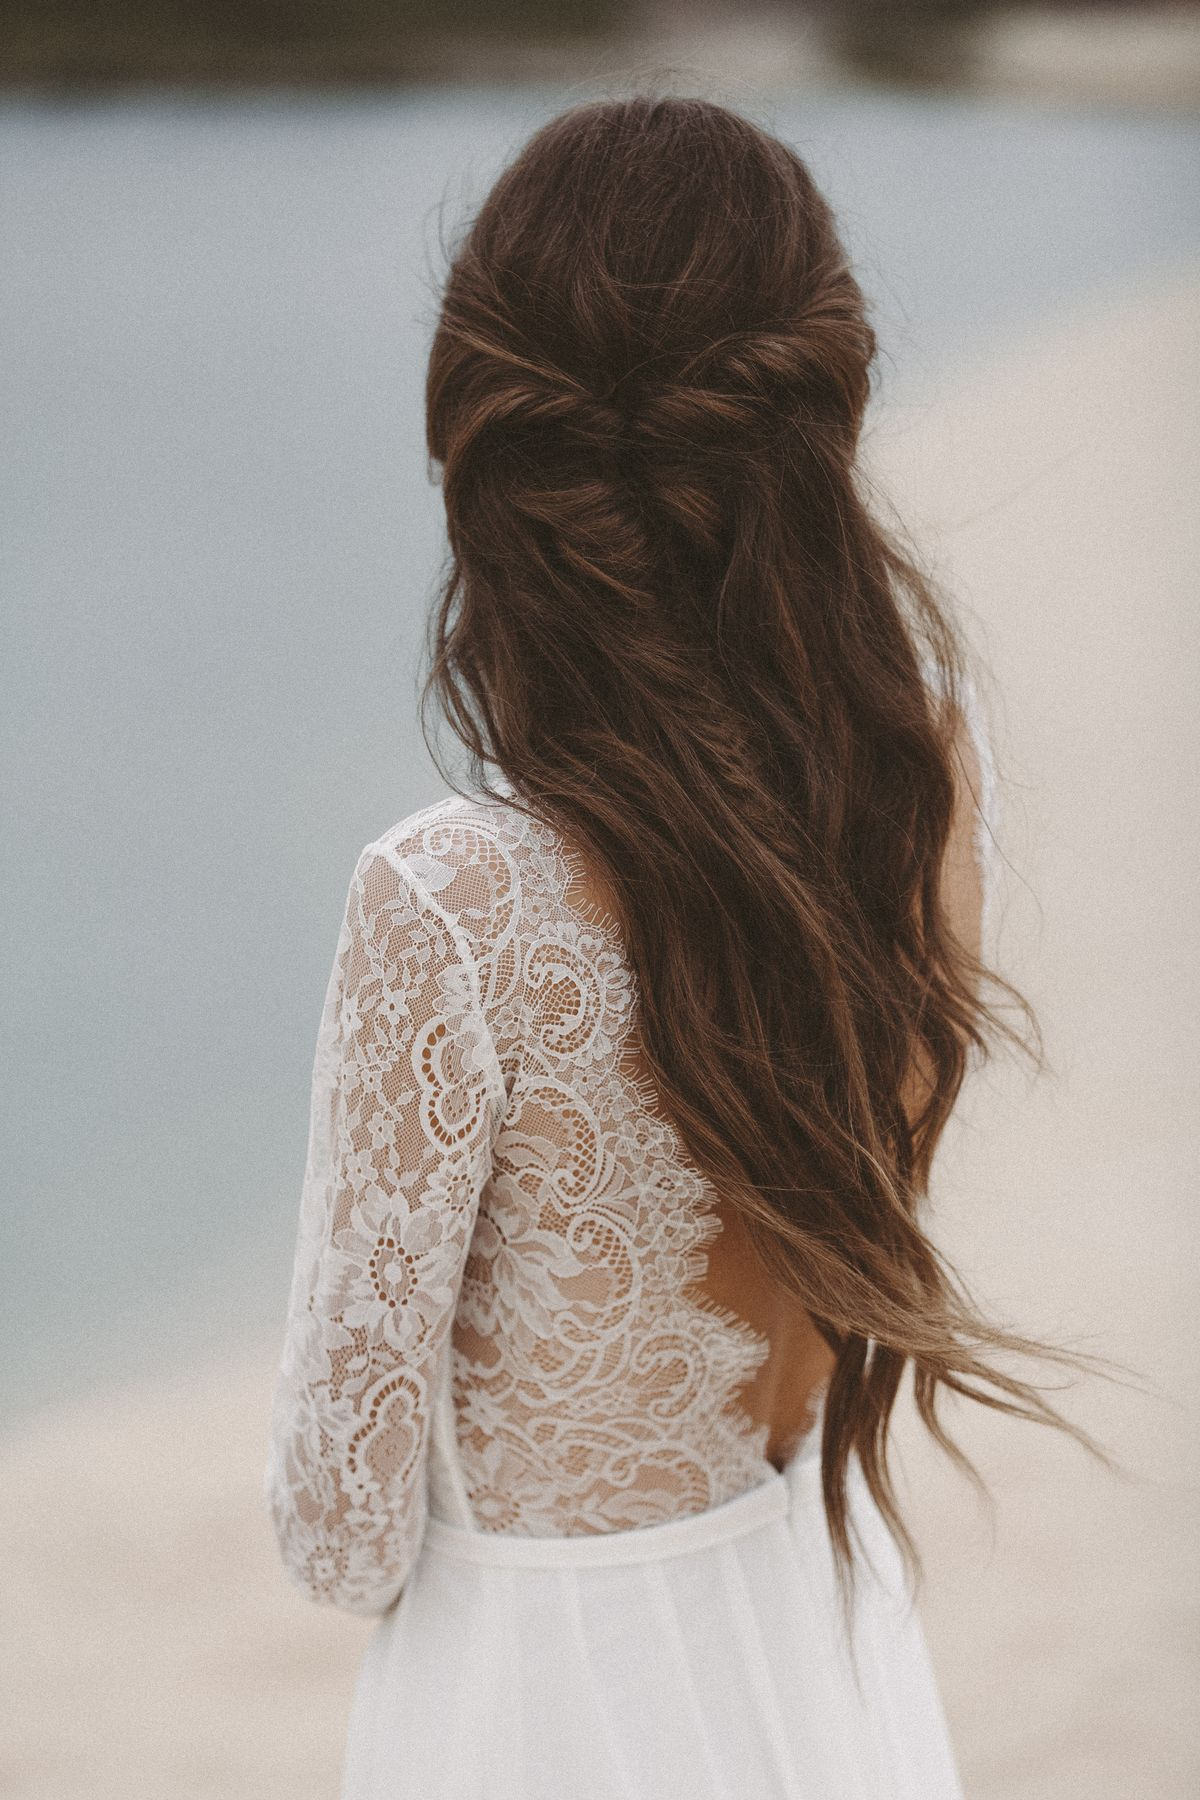 """Brautkleid mit langen Spitzenärmeln und tiefem Rückenausschnitt Light & Lace bohemian wedding dress<p><a href=""""http://www.homeinteriordesign.org/2018/02/short-guide-to-interior-decoration.html"""">Short guide to interior decoration</a></p>"""